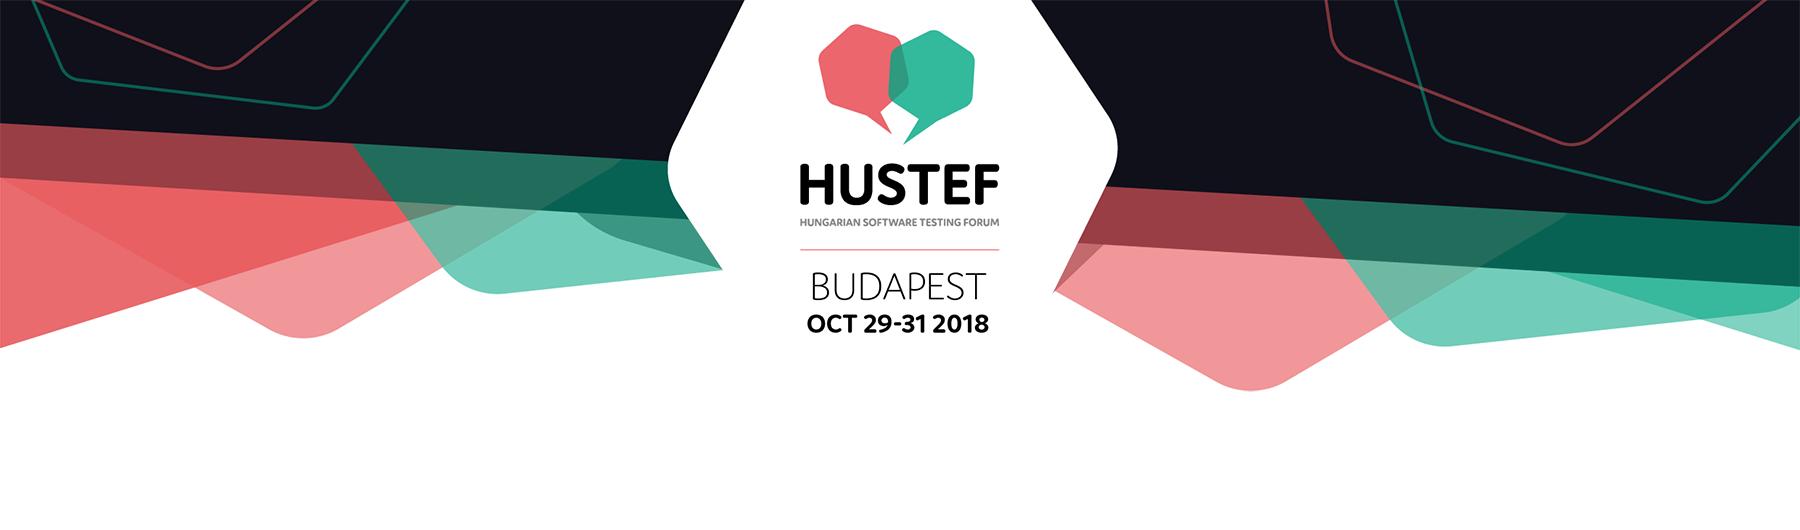 HUSTEF 2018